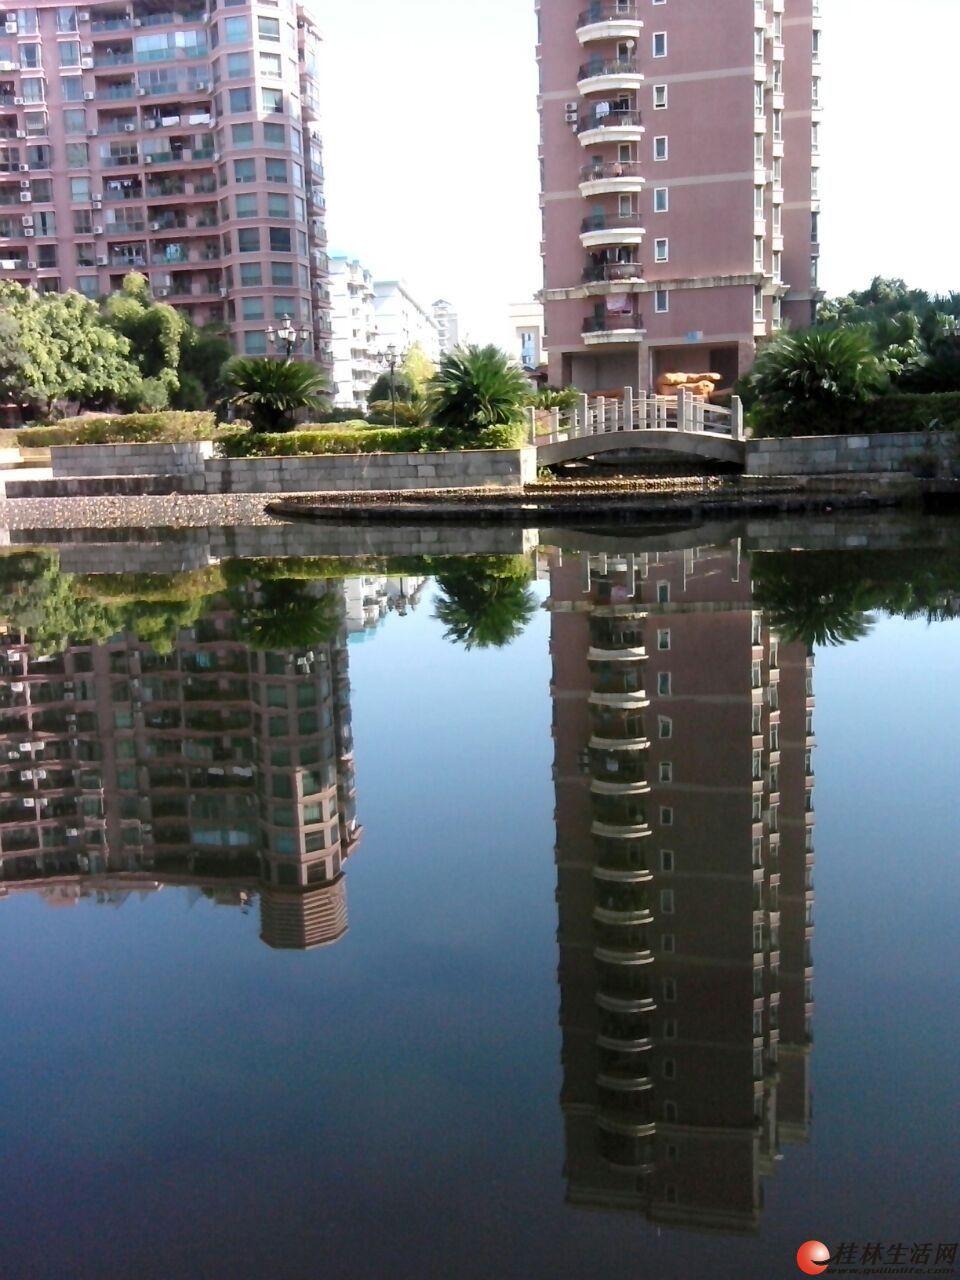 急售世纪新城4房2厅2卫复式,280平米,电梯12楼,清水,05年,168万出售